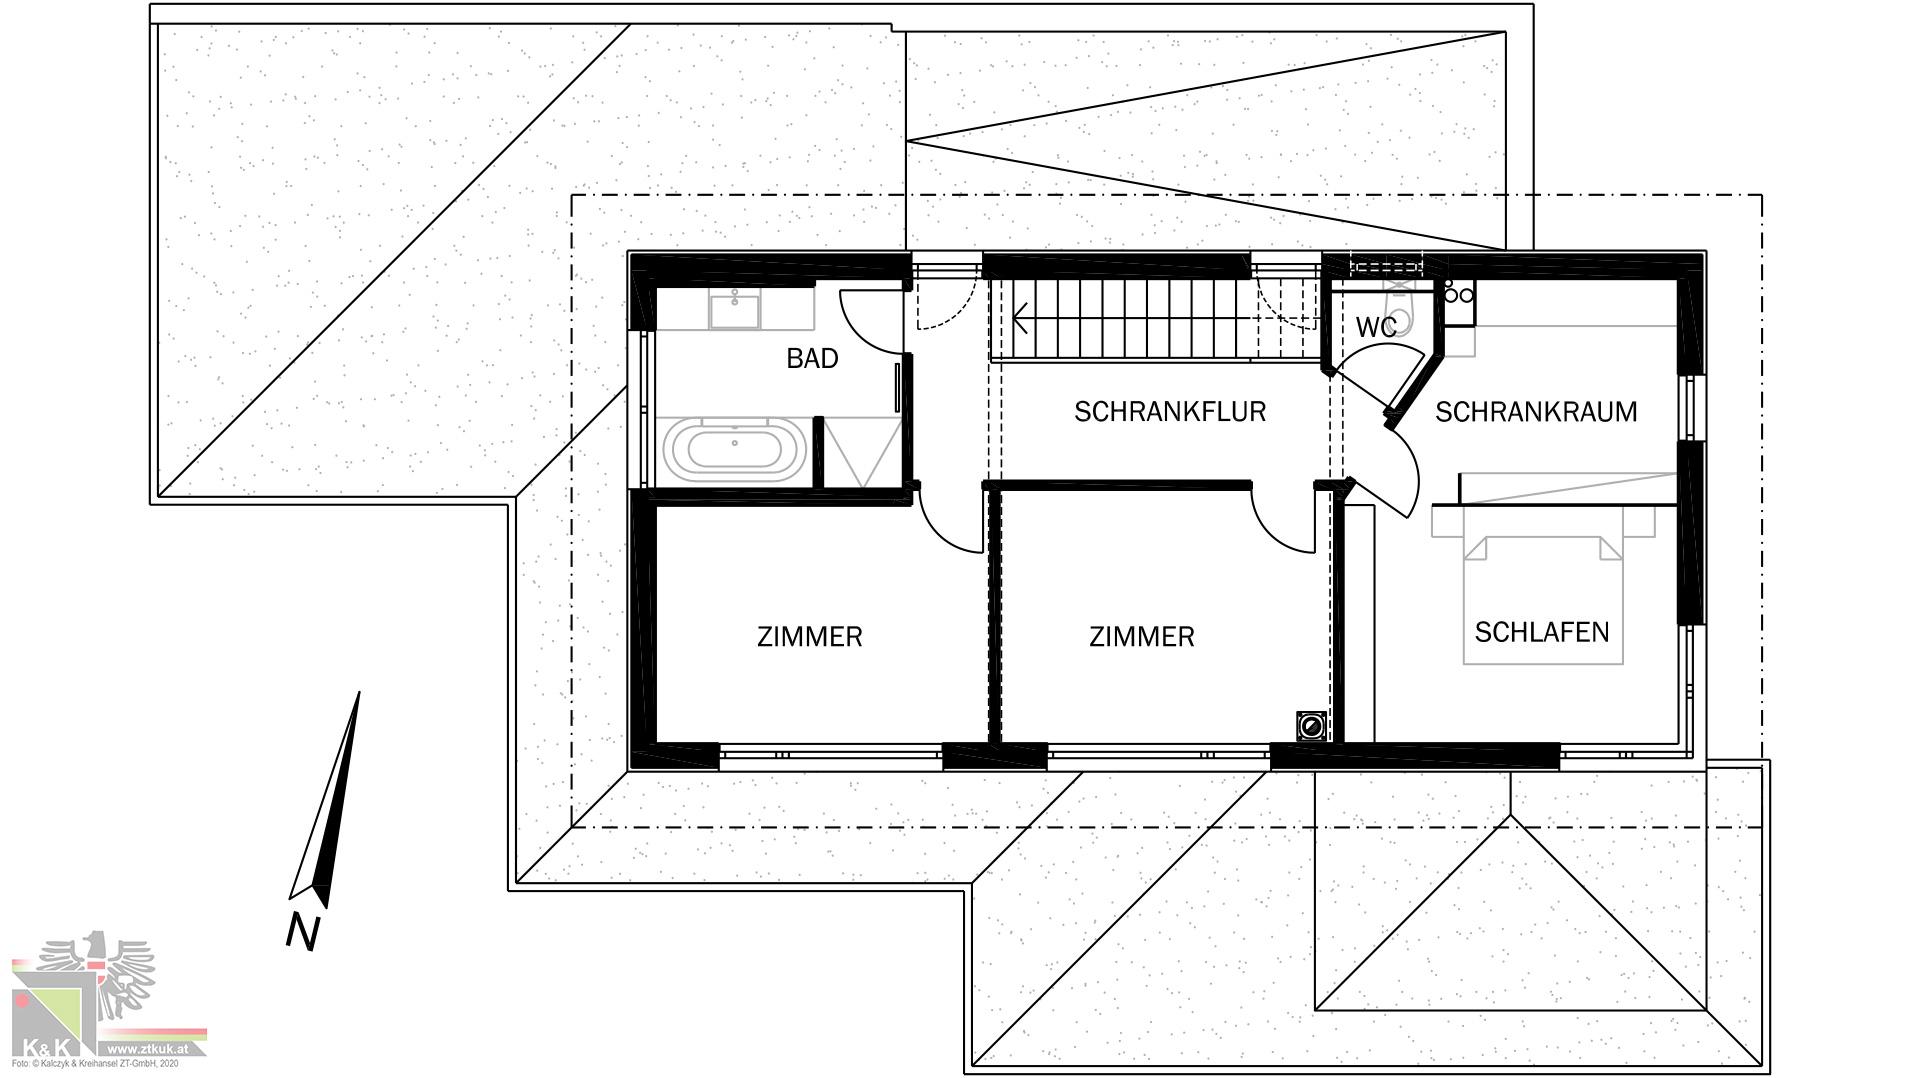 Einfamilienhaus in Holsbauweise - Obergeschoss